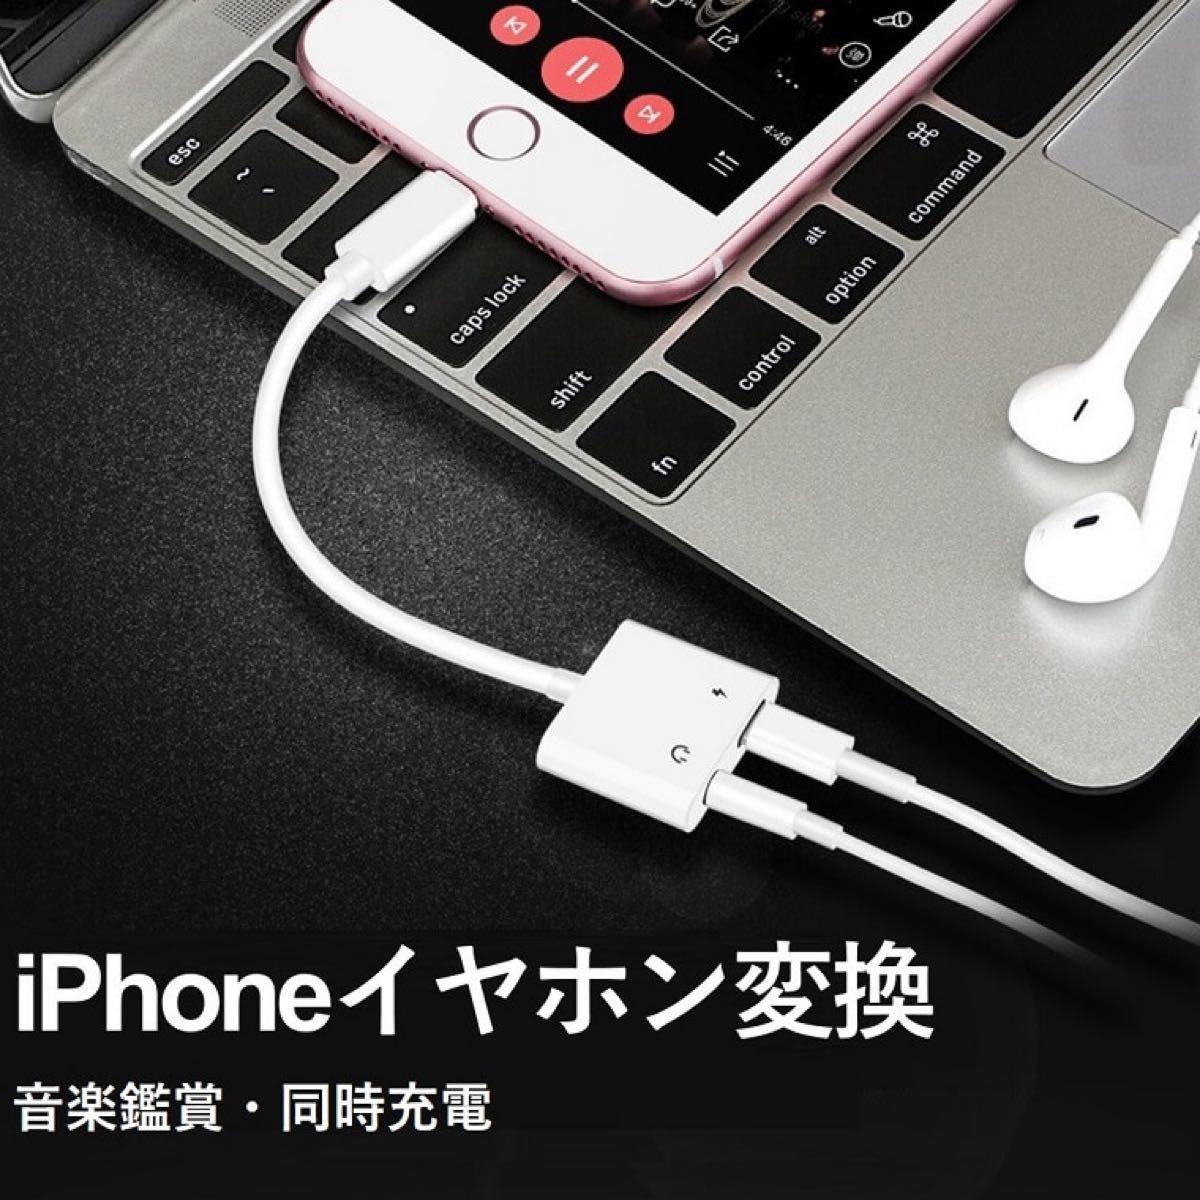 iPhone充電しながらイヤホン 3.5mmイヤホンジャック